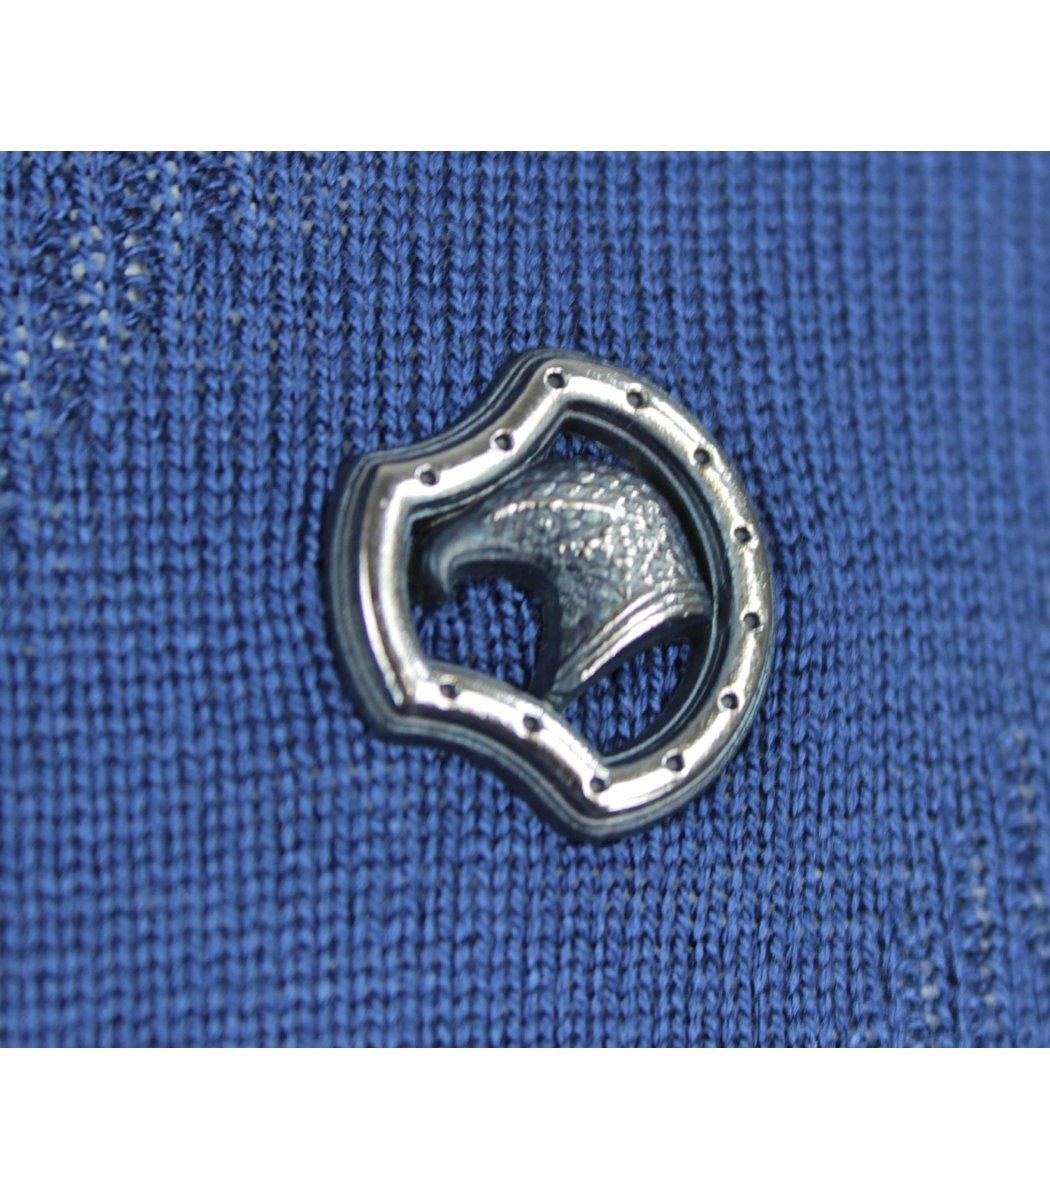 Синее поло с длинным рукавом Stefano Ricci 7330